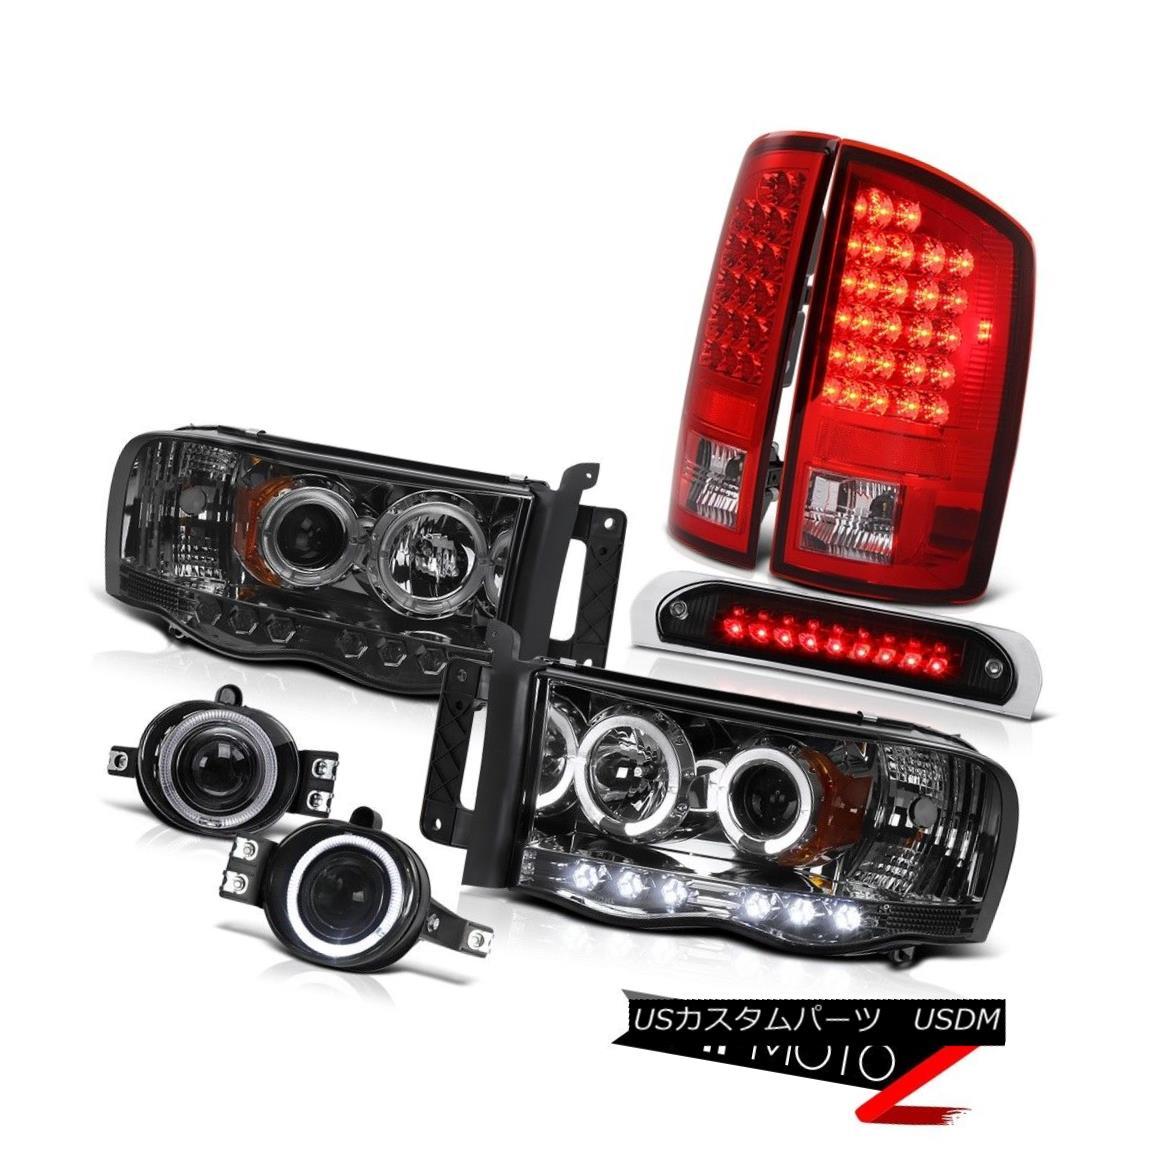 テールライト L.E.D Halo Headlights Rosso Red LED Tail Lights Glass Fog 3rd Cargo 02-05 Ram V8 L.E.DハローヘッドライトロッソレッドLEDテールライトグラスフォッグ3rd貨物02-05 Ram V8